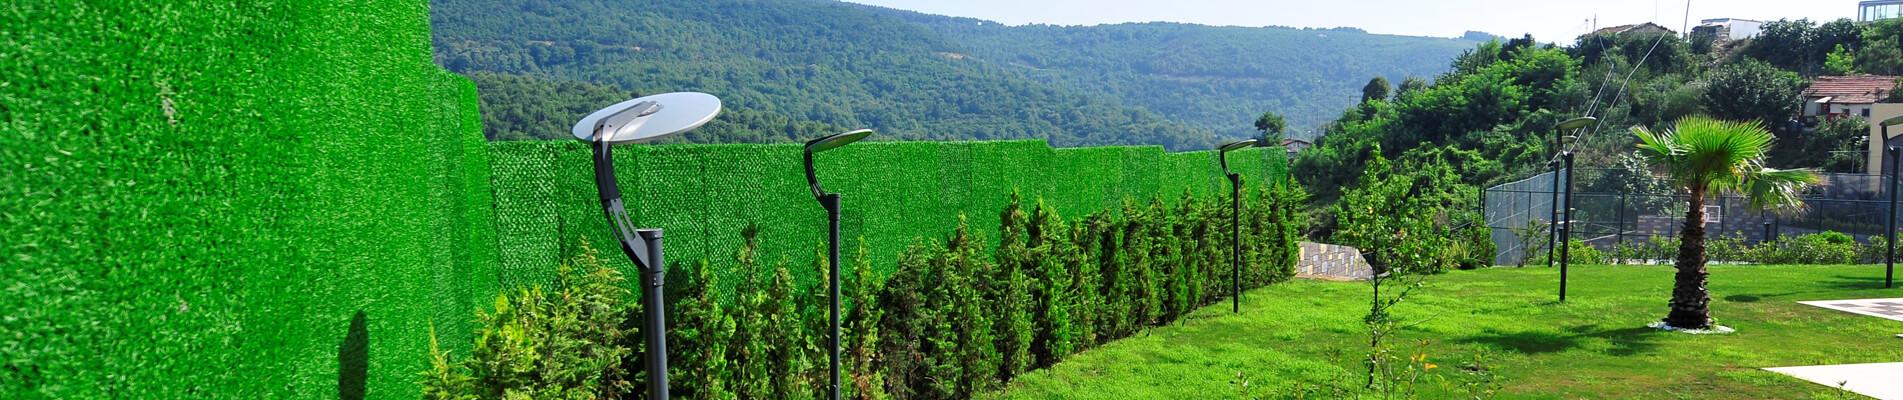 Avec des barrières de gazon (Çim Çit) des jardins verts et sécurisés